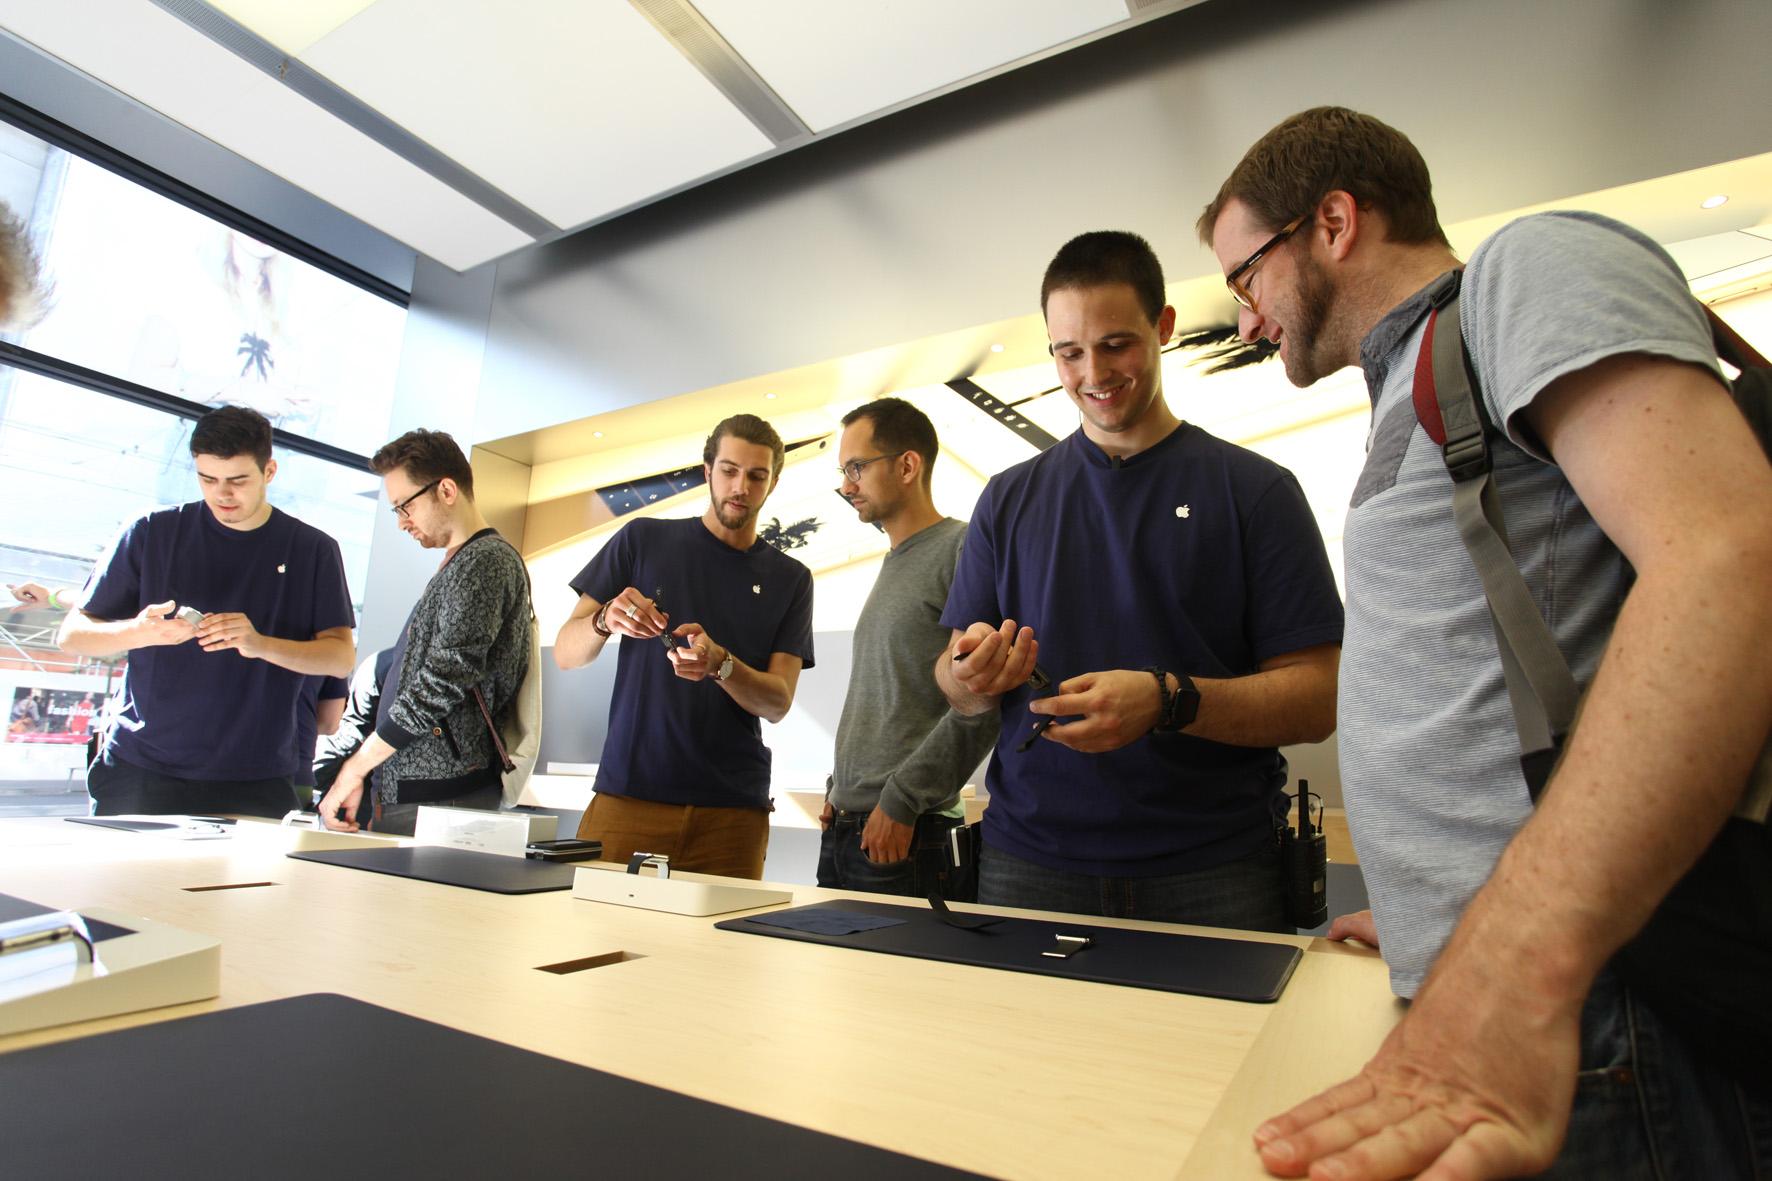 Die Apple Watch 2 kommt mit einem besseren Display und anderen Verbesserungen.